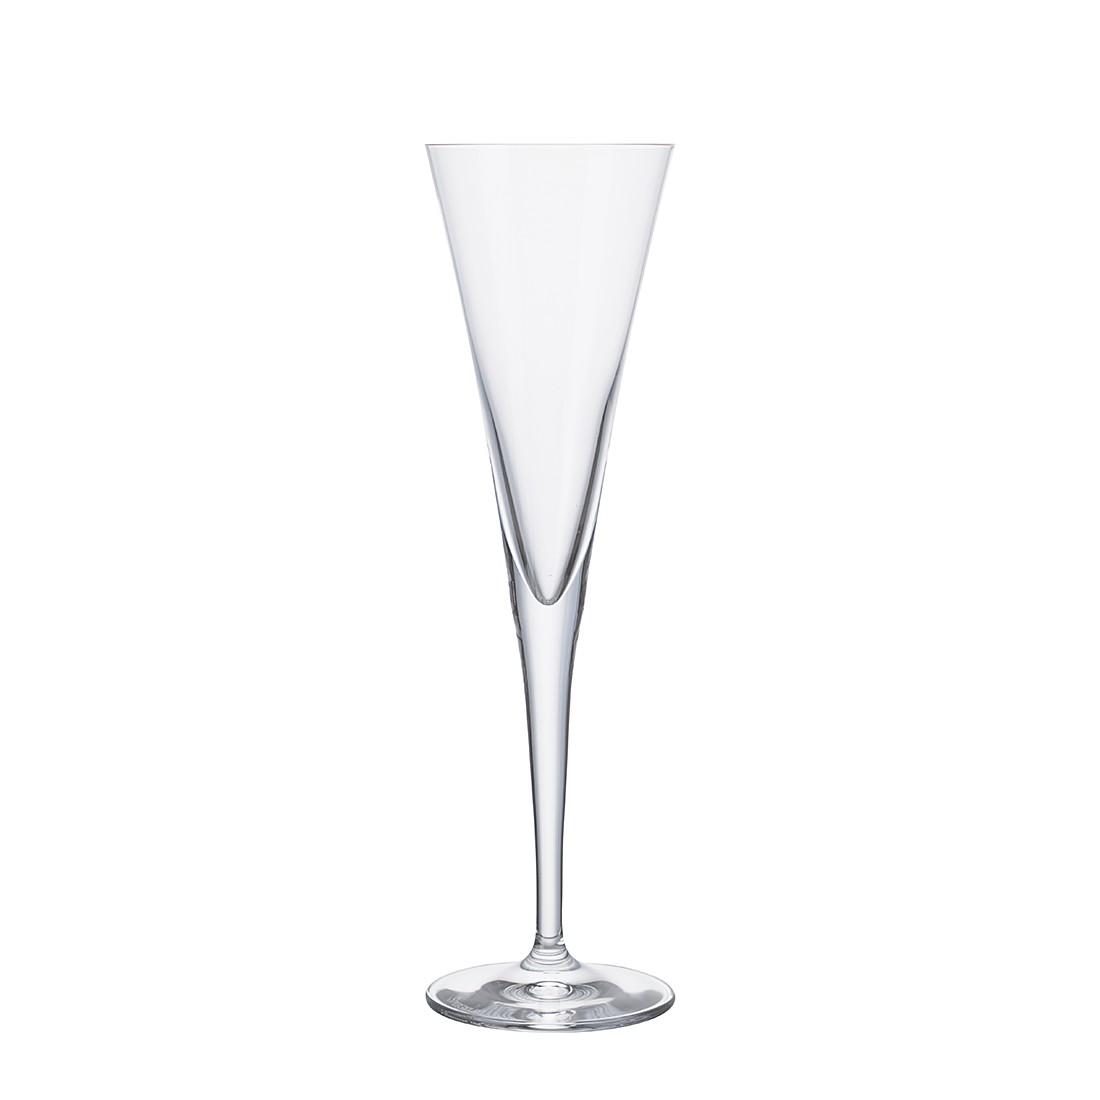 SpecialGlass Champagnerglas Spitz 6er-Set, Spiegelau günstig bestellen